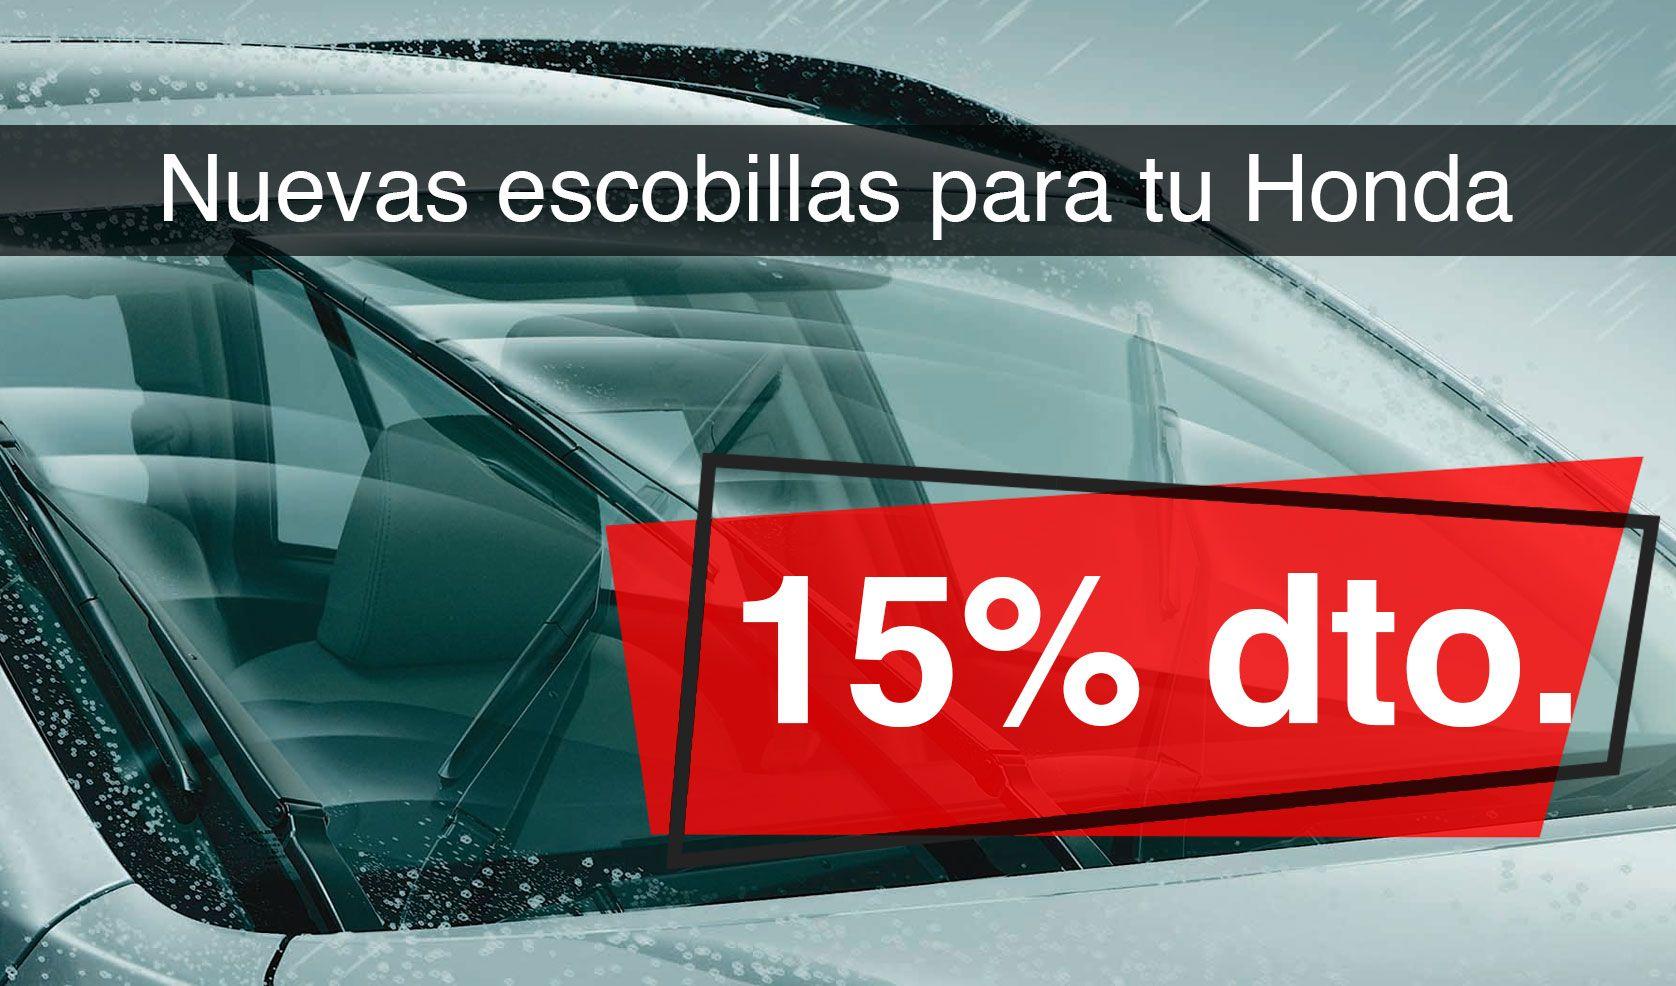 Las nuevas escobillas para tu Honda, con un 15% de descuento